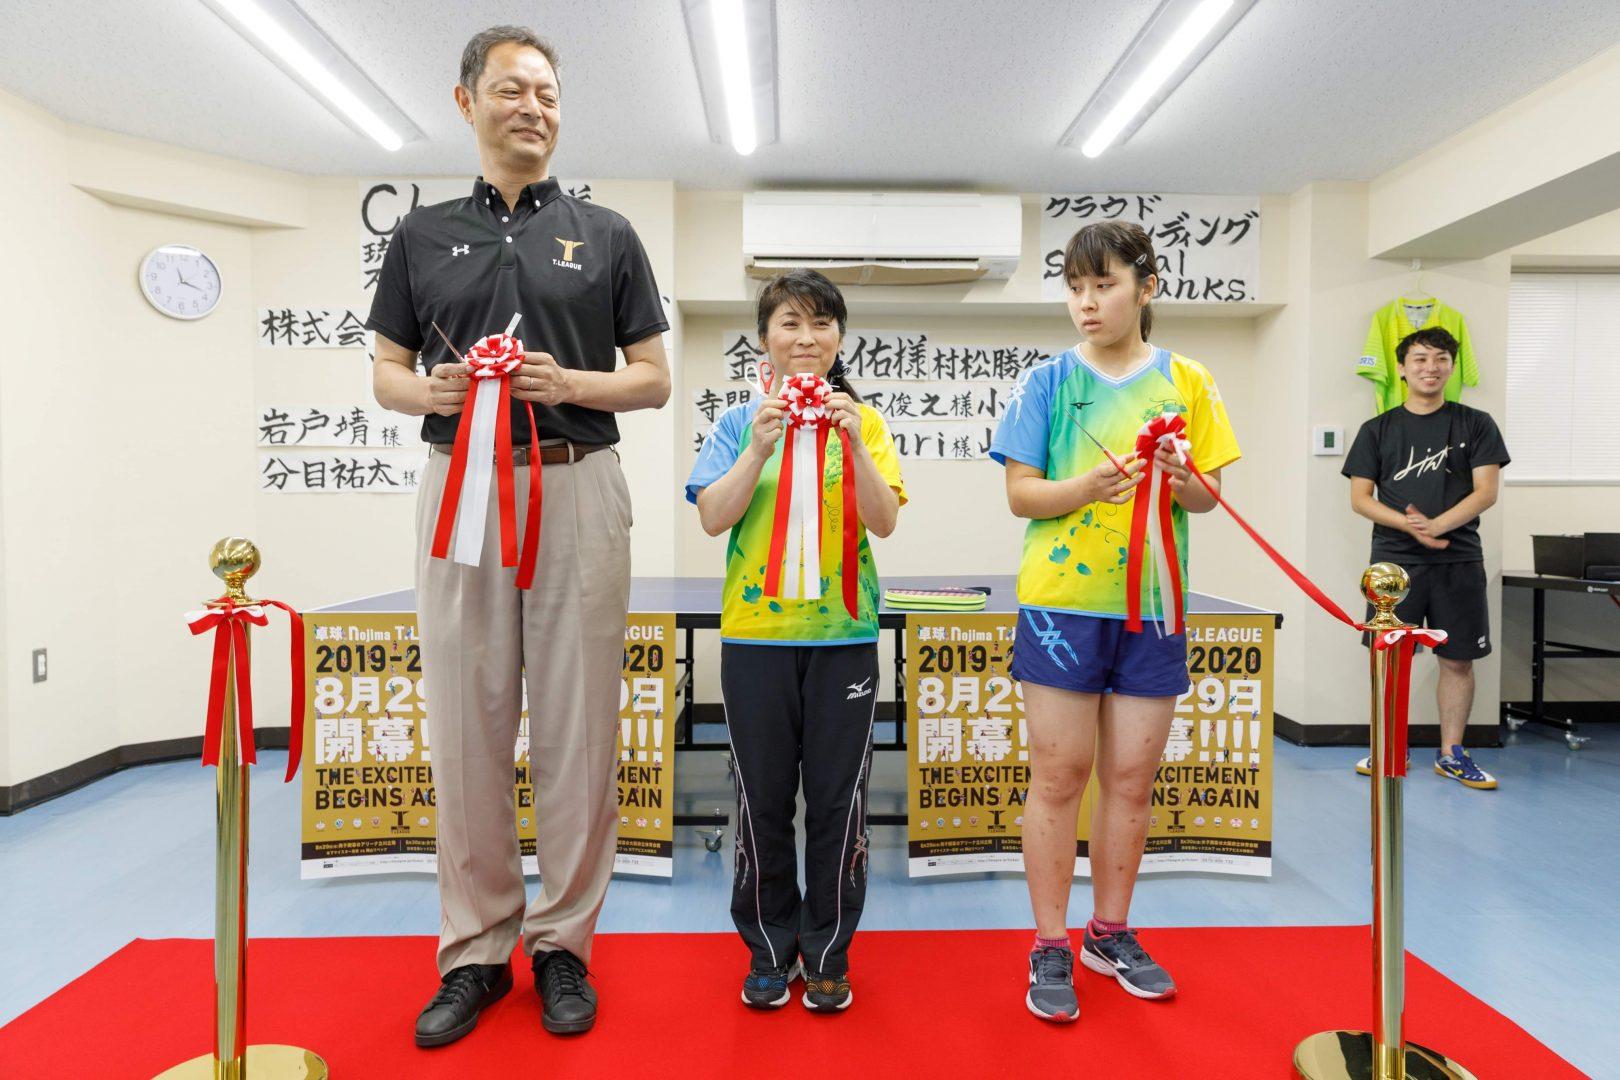 「卓球広場Link」グランドオープン 平野美宇の母・真理子さんらがテープカット